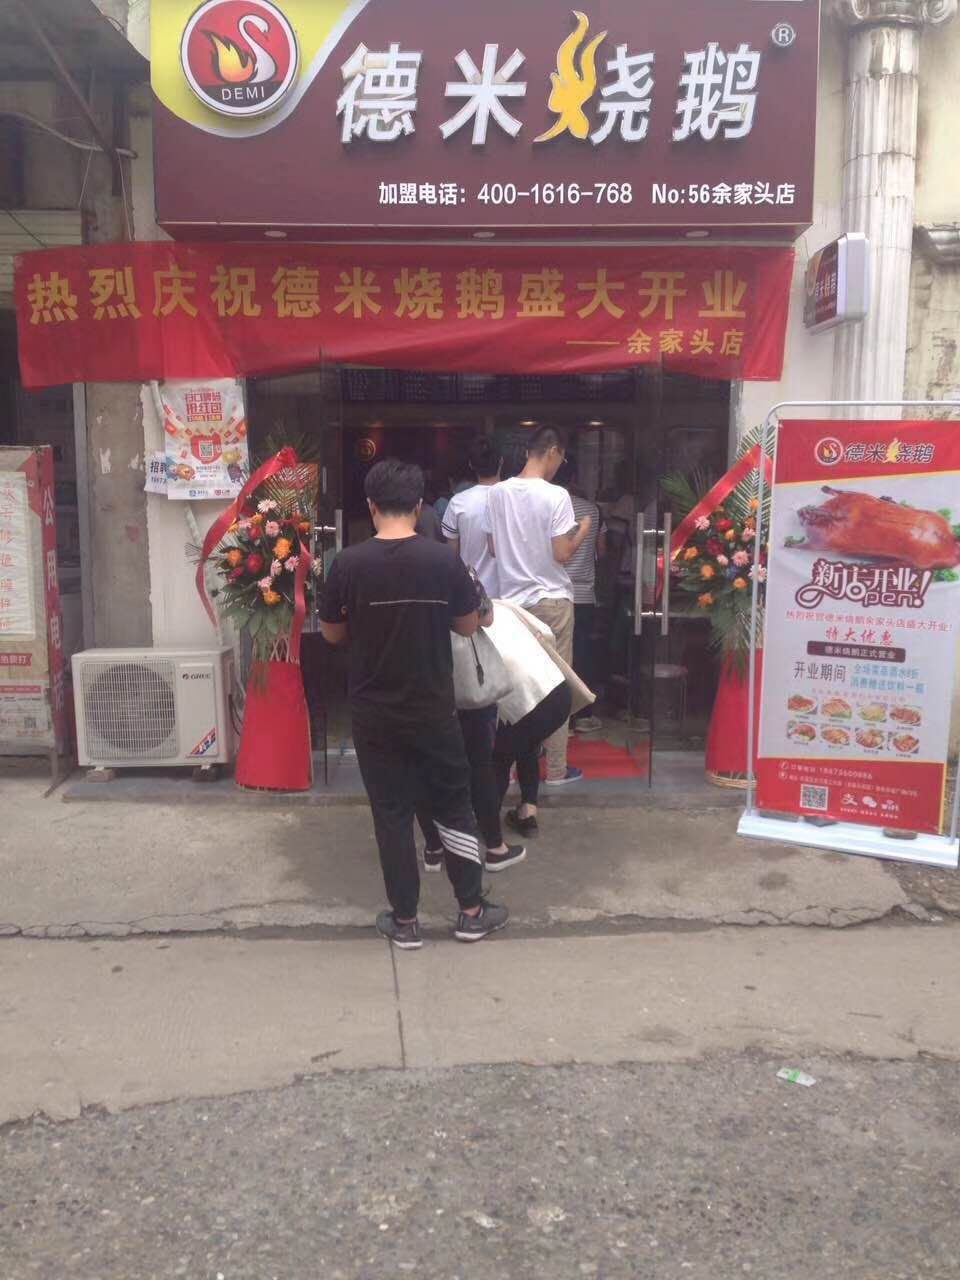 余家头店开业大吉|新店开业-武汉澳德胜餐饮管理有限公司